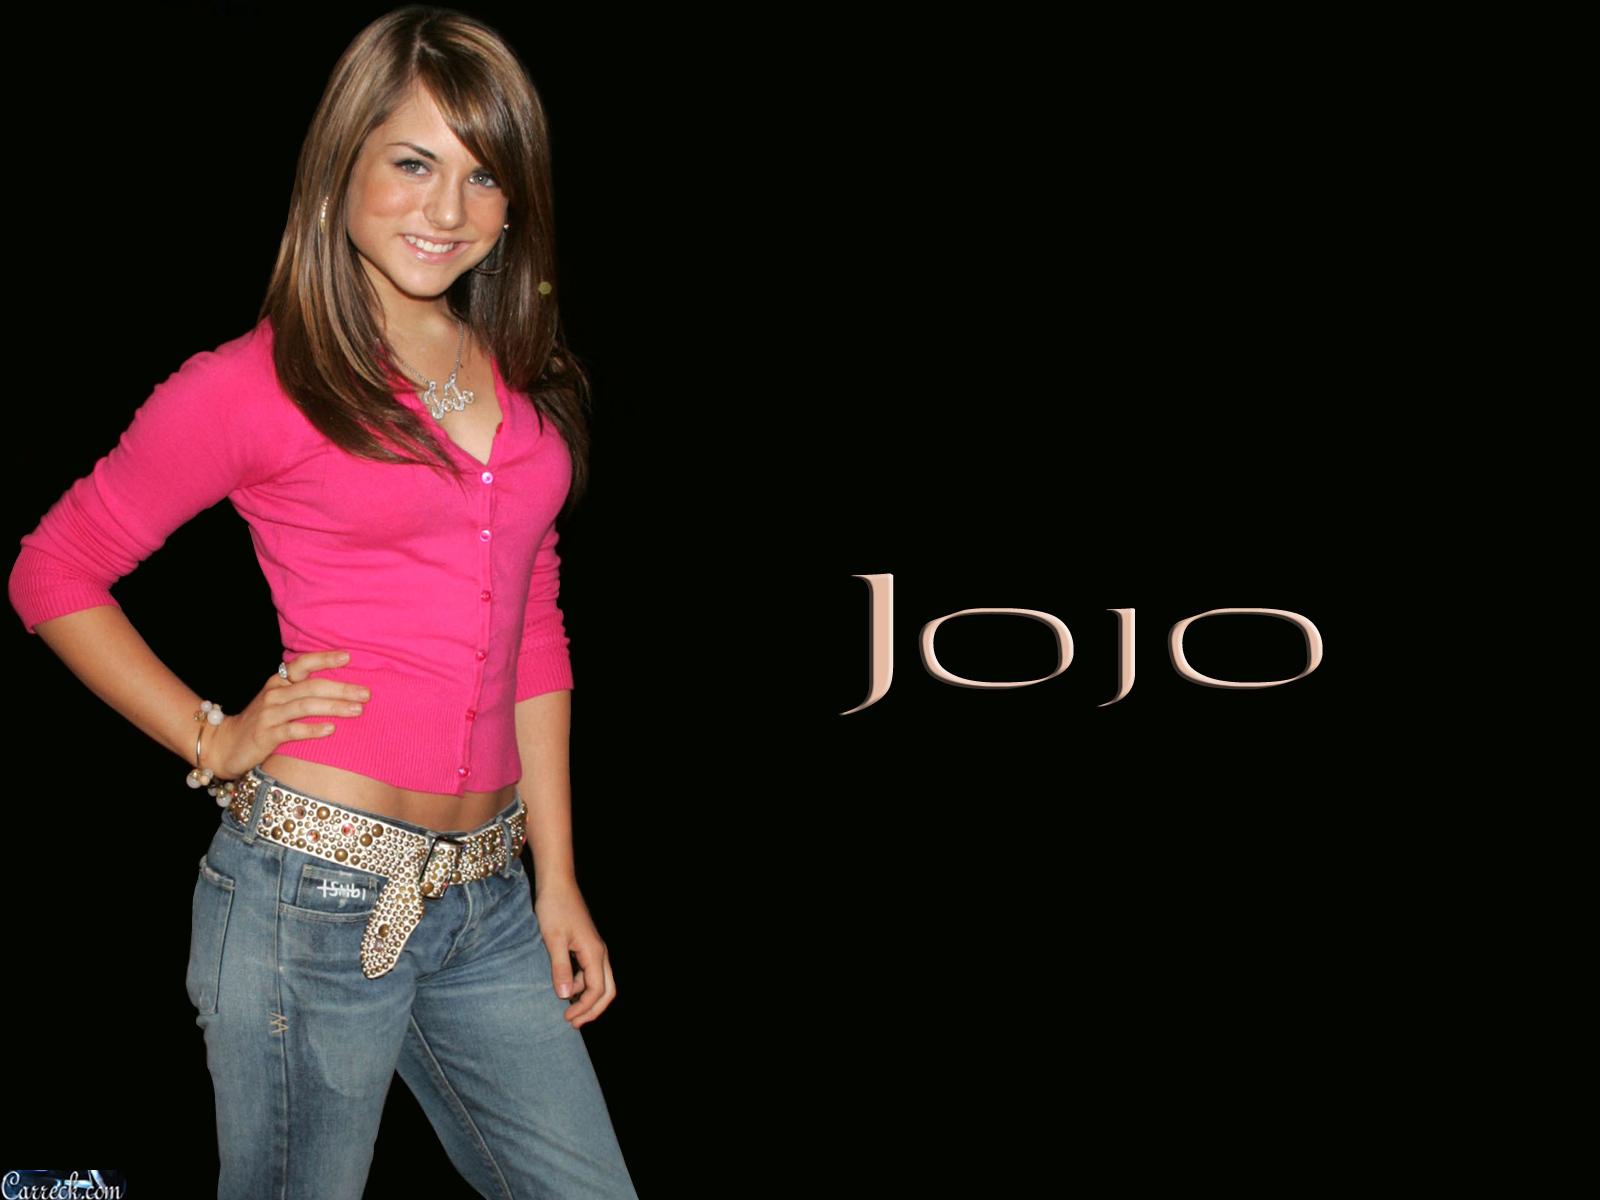 Jojo   JoJo Levesque Wallpaper 20913356 1600x1200